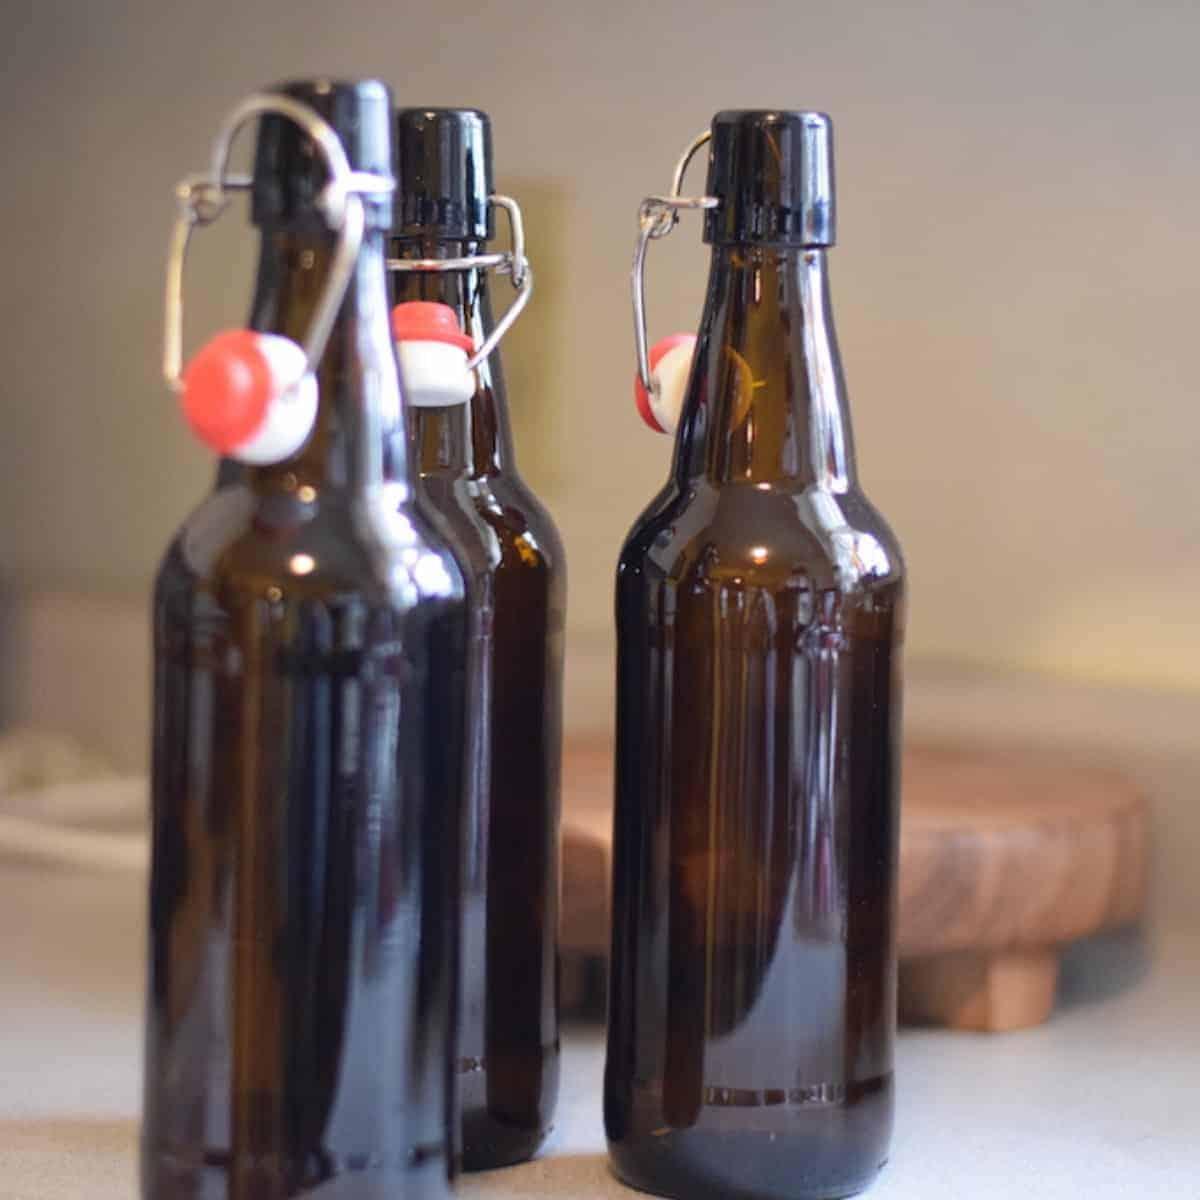 brown flip top glass bottles of homemade soda